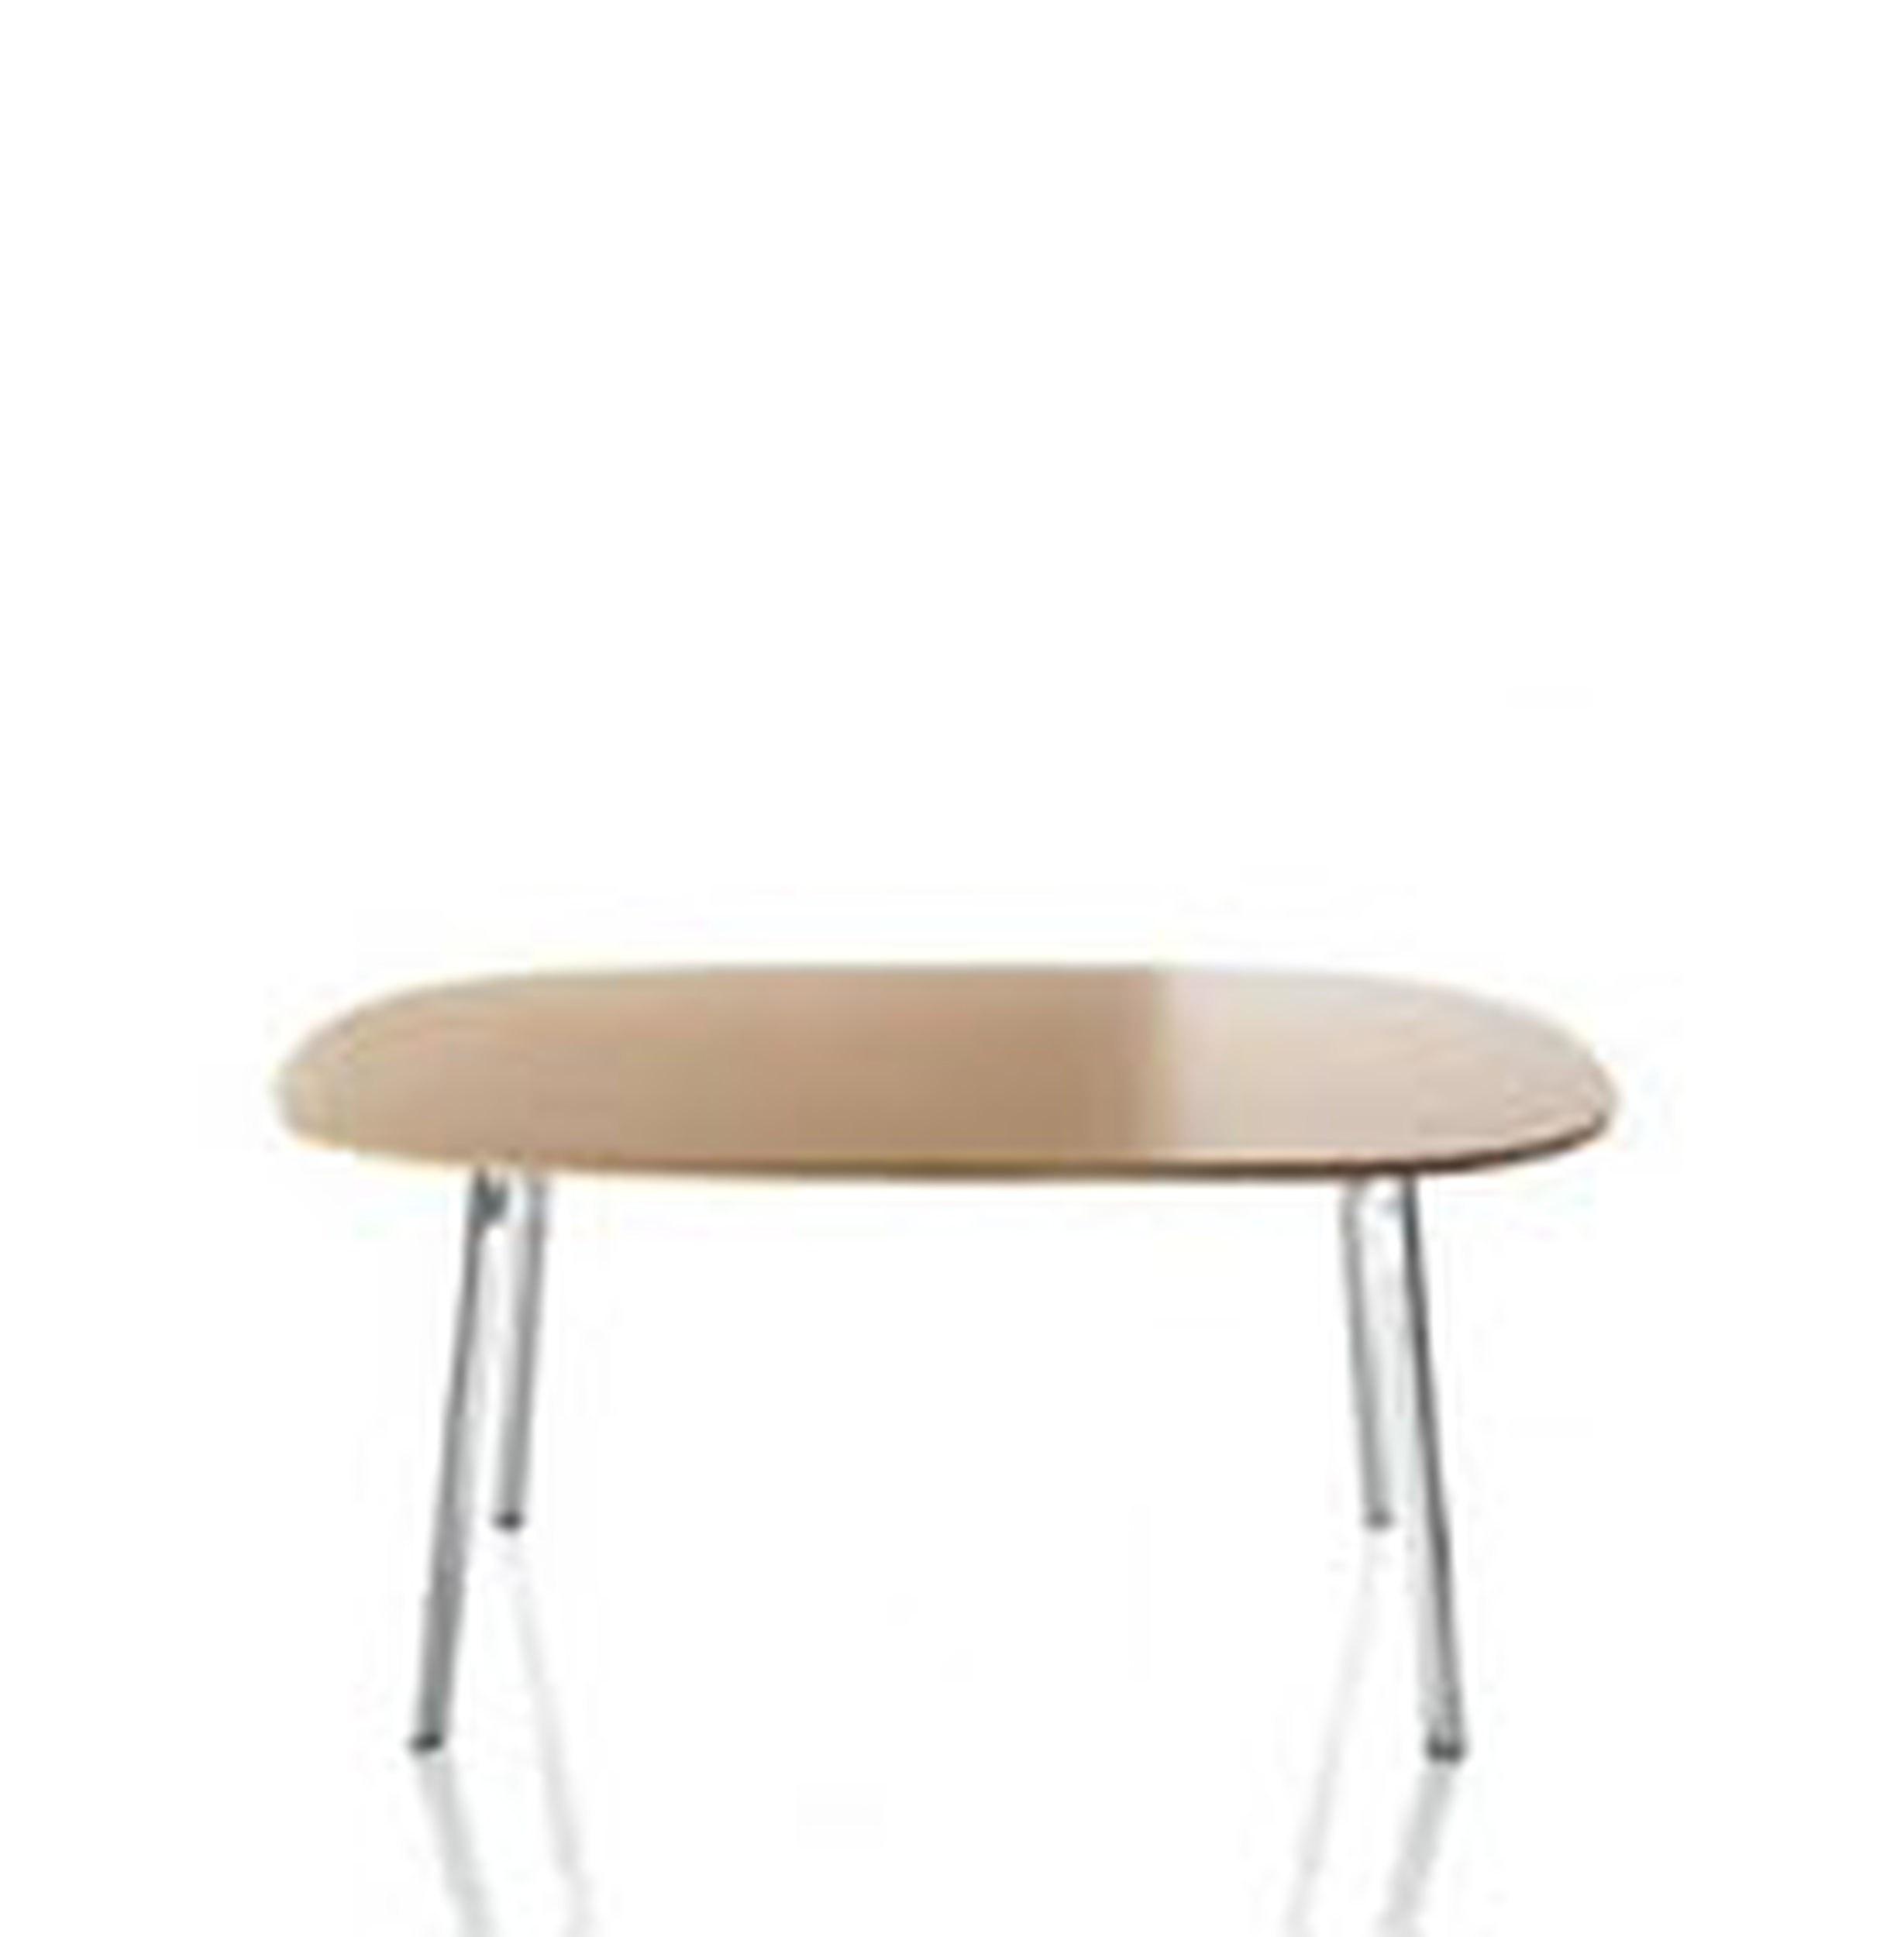 Stół owalny Deja-vu 160 x 98 cm blat z MDF z dębowym laminatem - małe zdjęcie